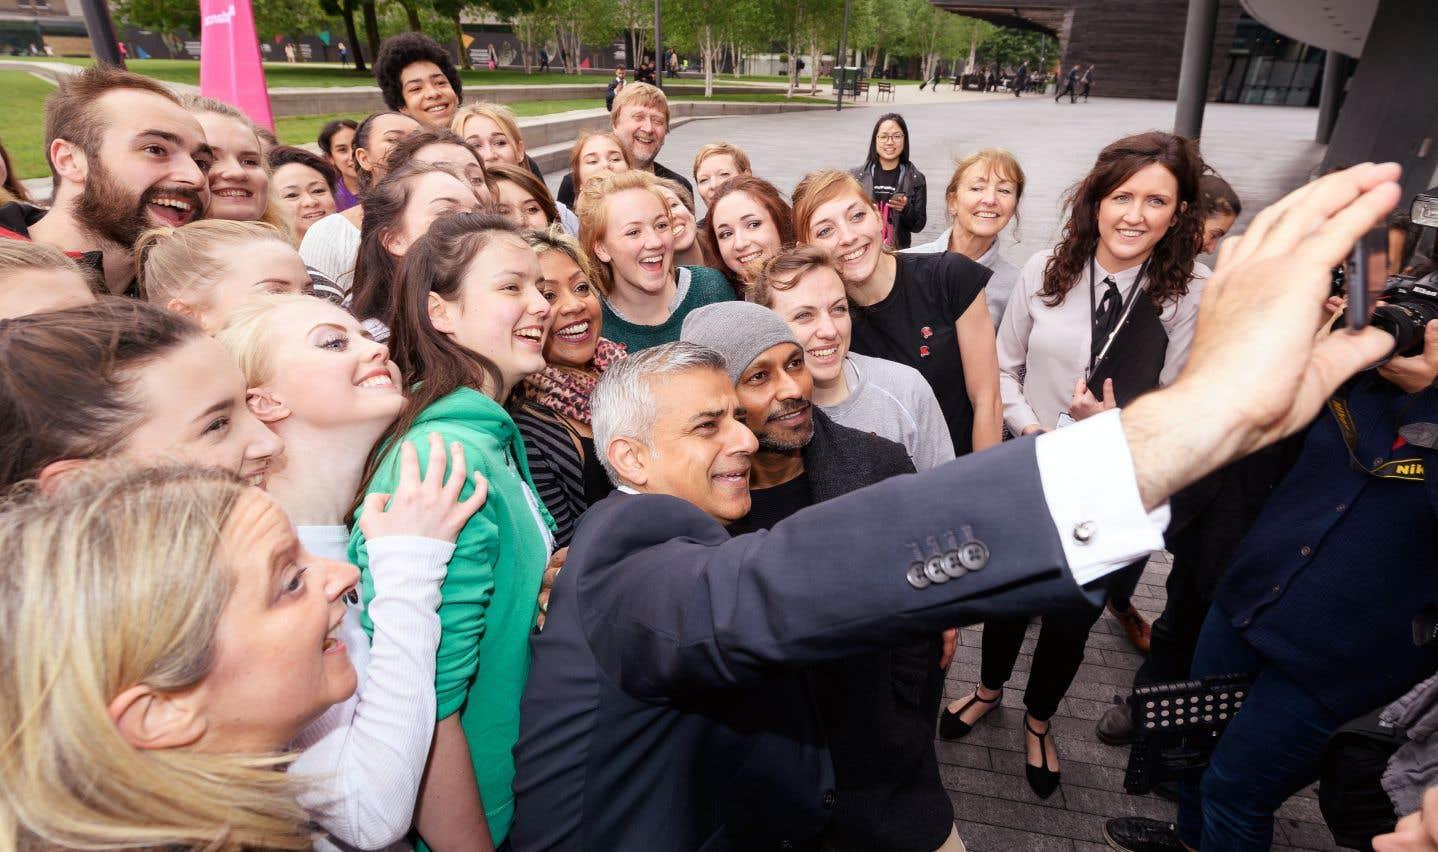 Le maire de Londres, Sadiq Khan, est d'origine pakistanaise, ce qui a certainement contribué à séduire les jeunes professionnels.